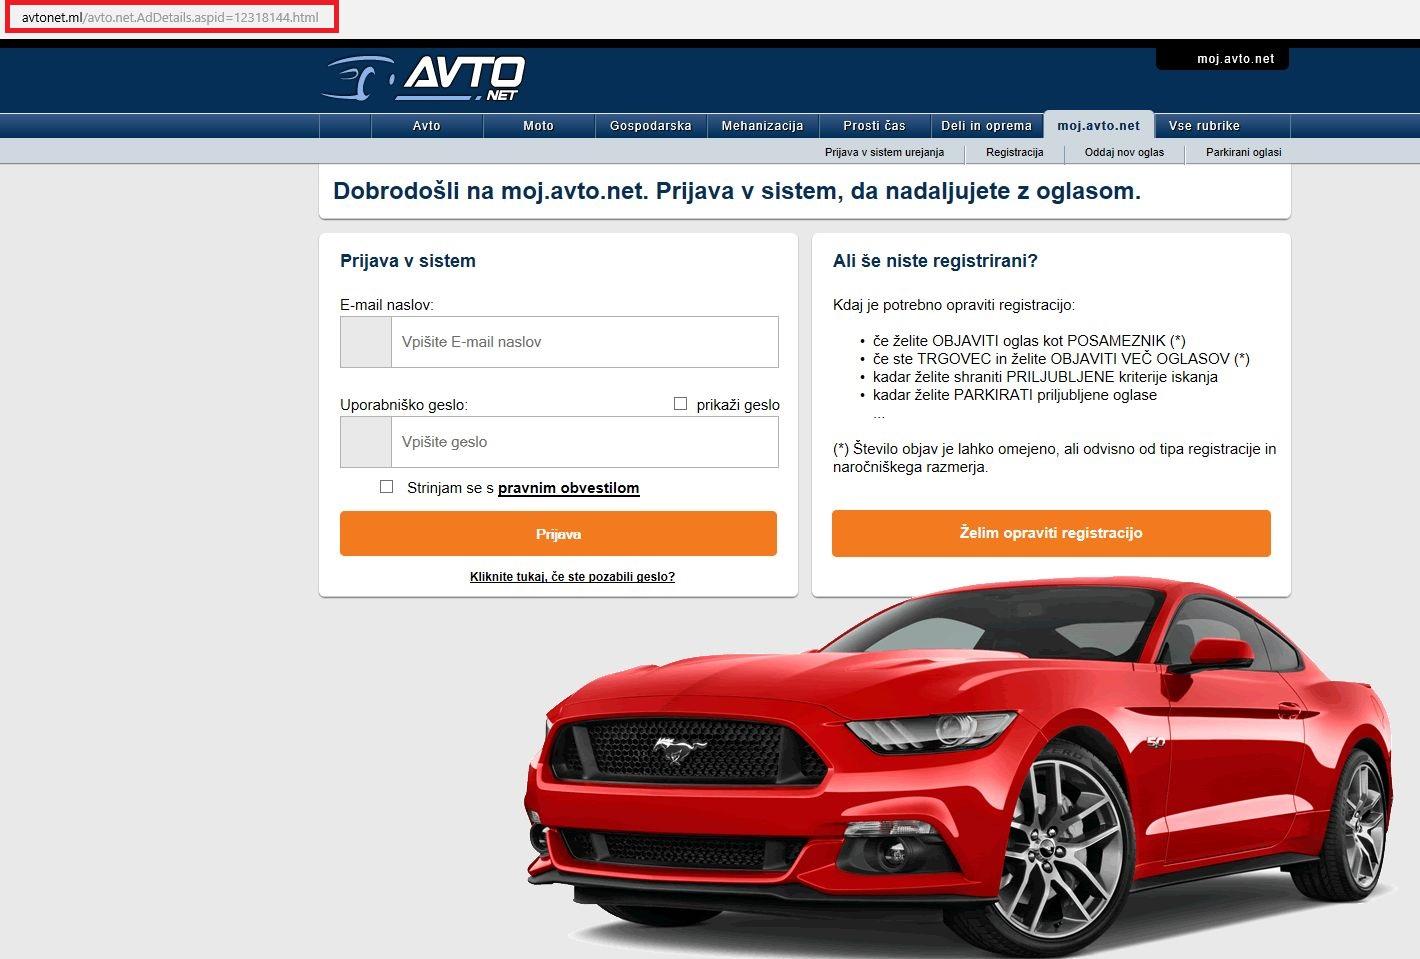 Poskus kraje gesel uporabnikov oglasnika avto.net